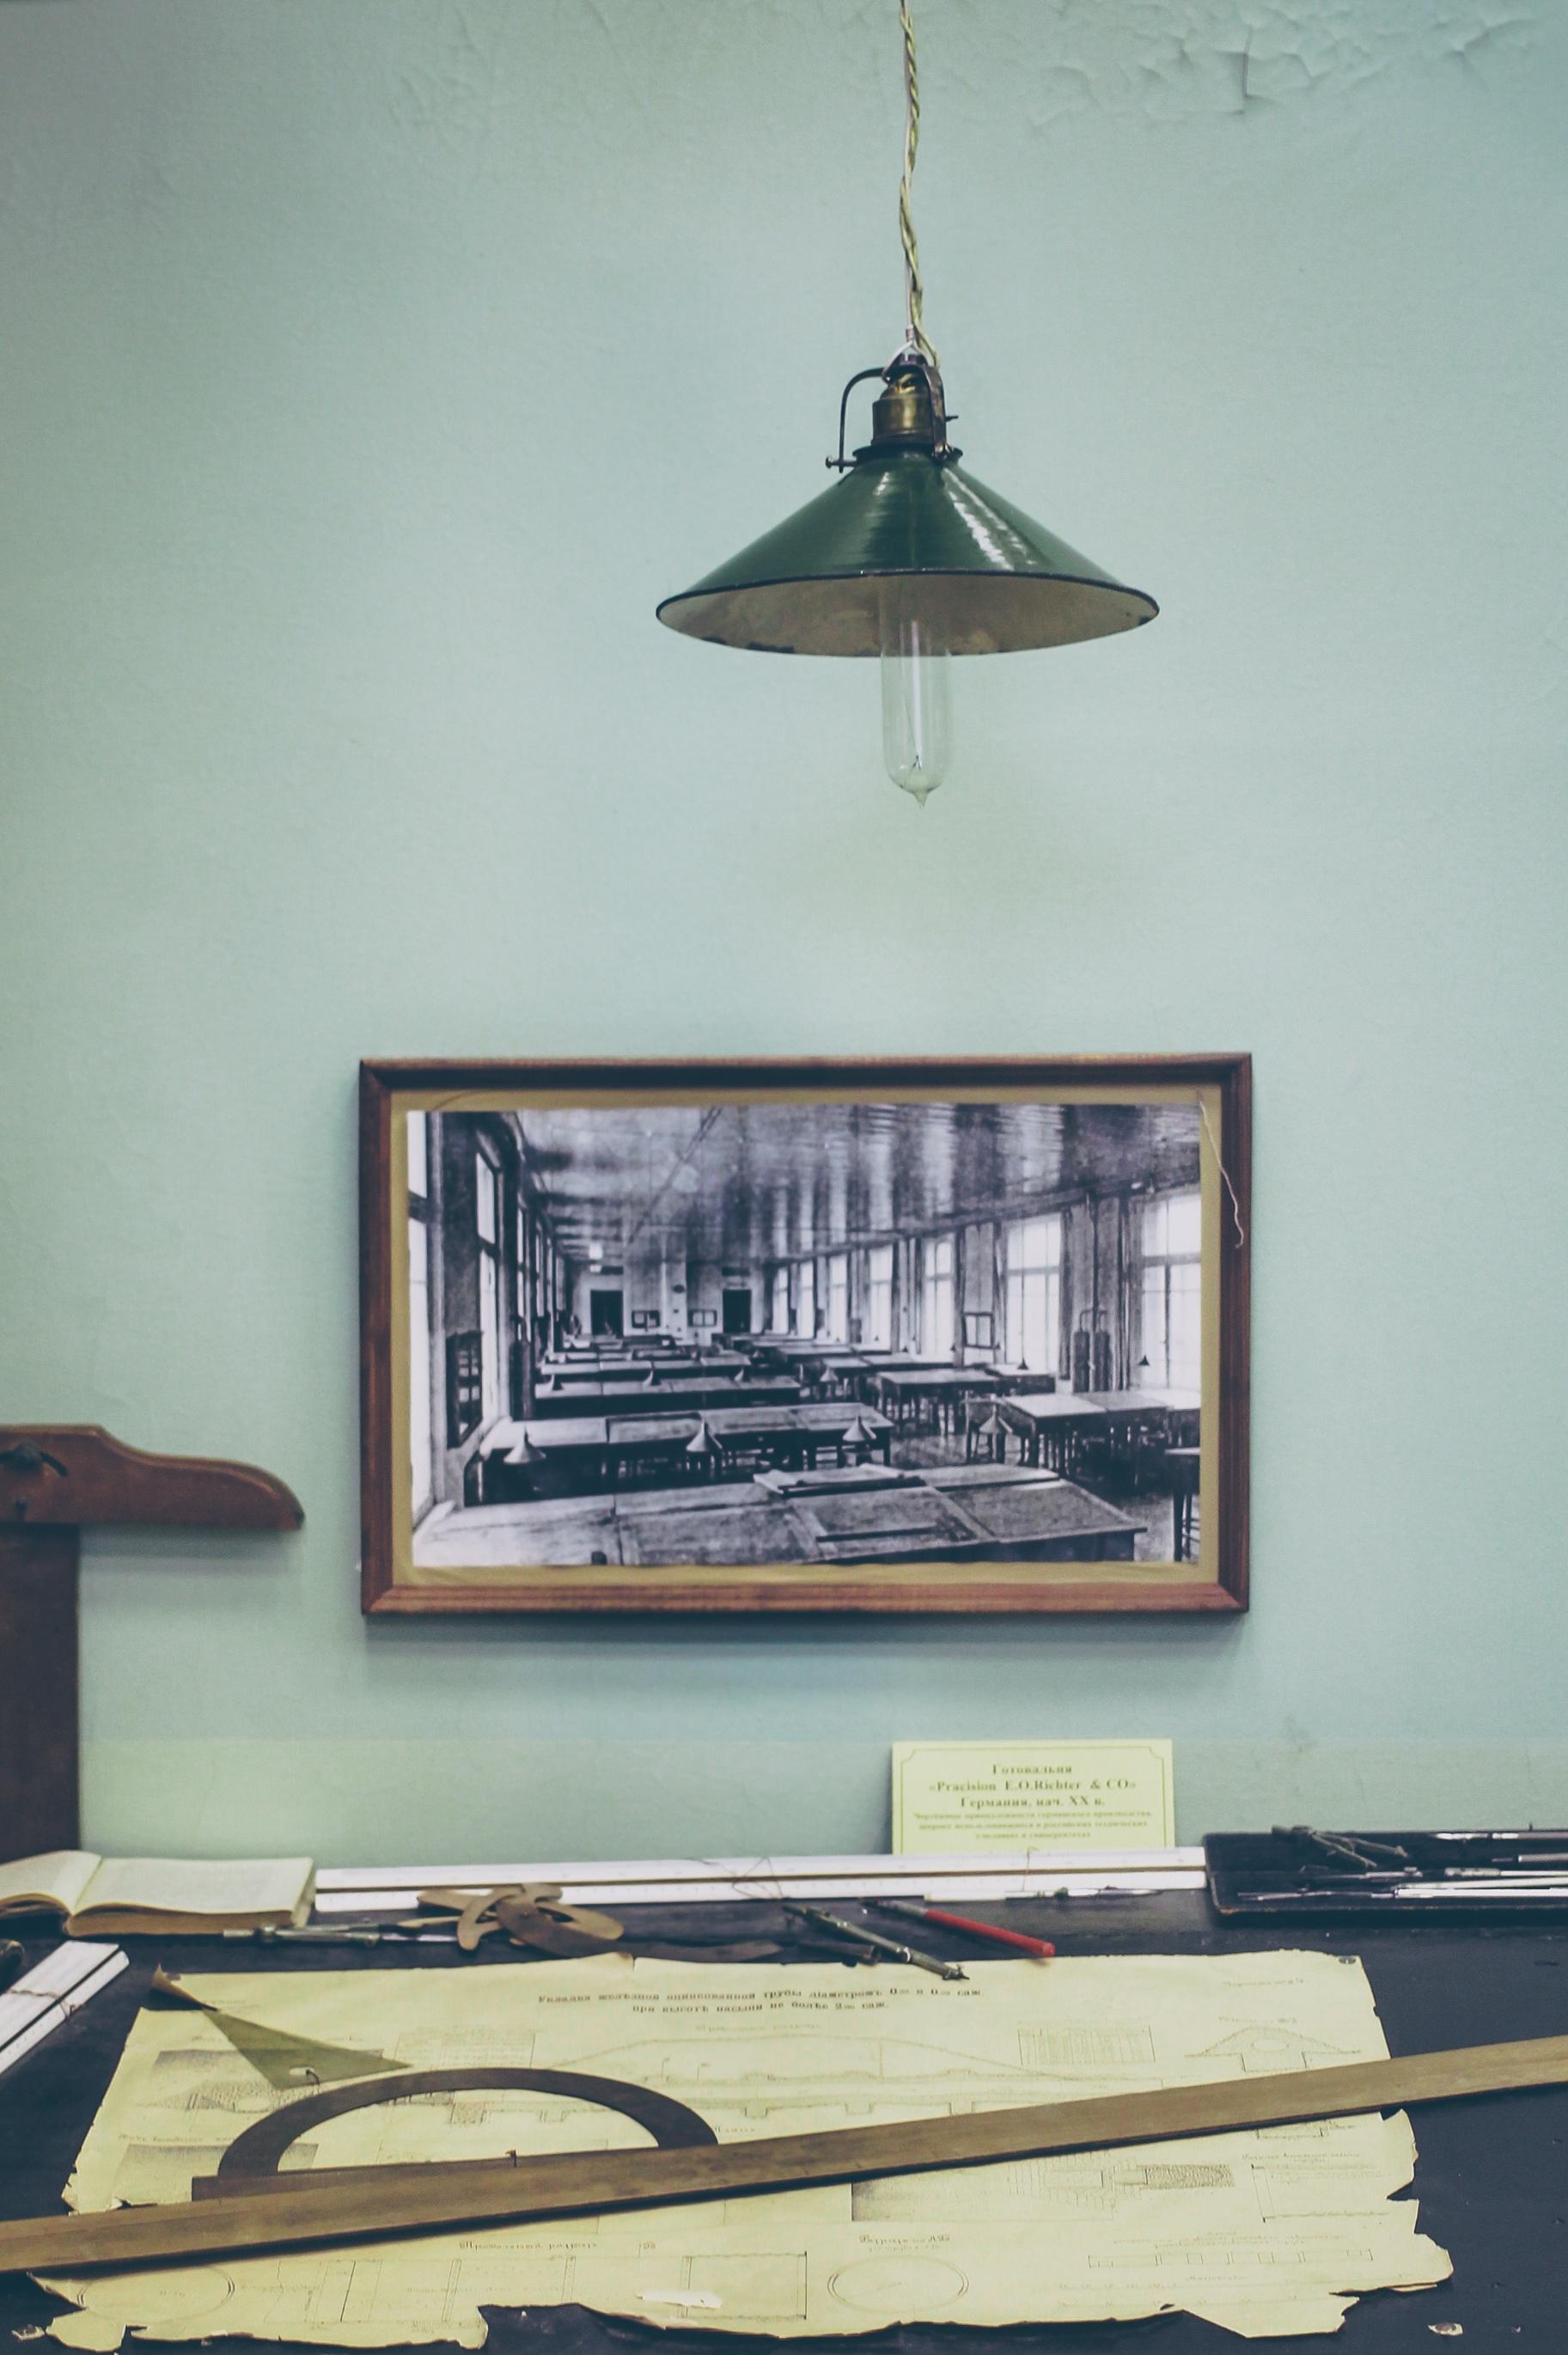 Kostenlose foto : Schreibtisch, Tabelle, Holz, Jahrgang, Haus ...